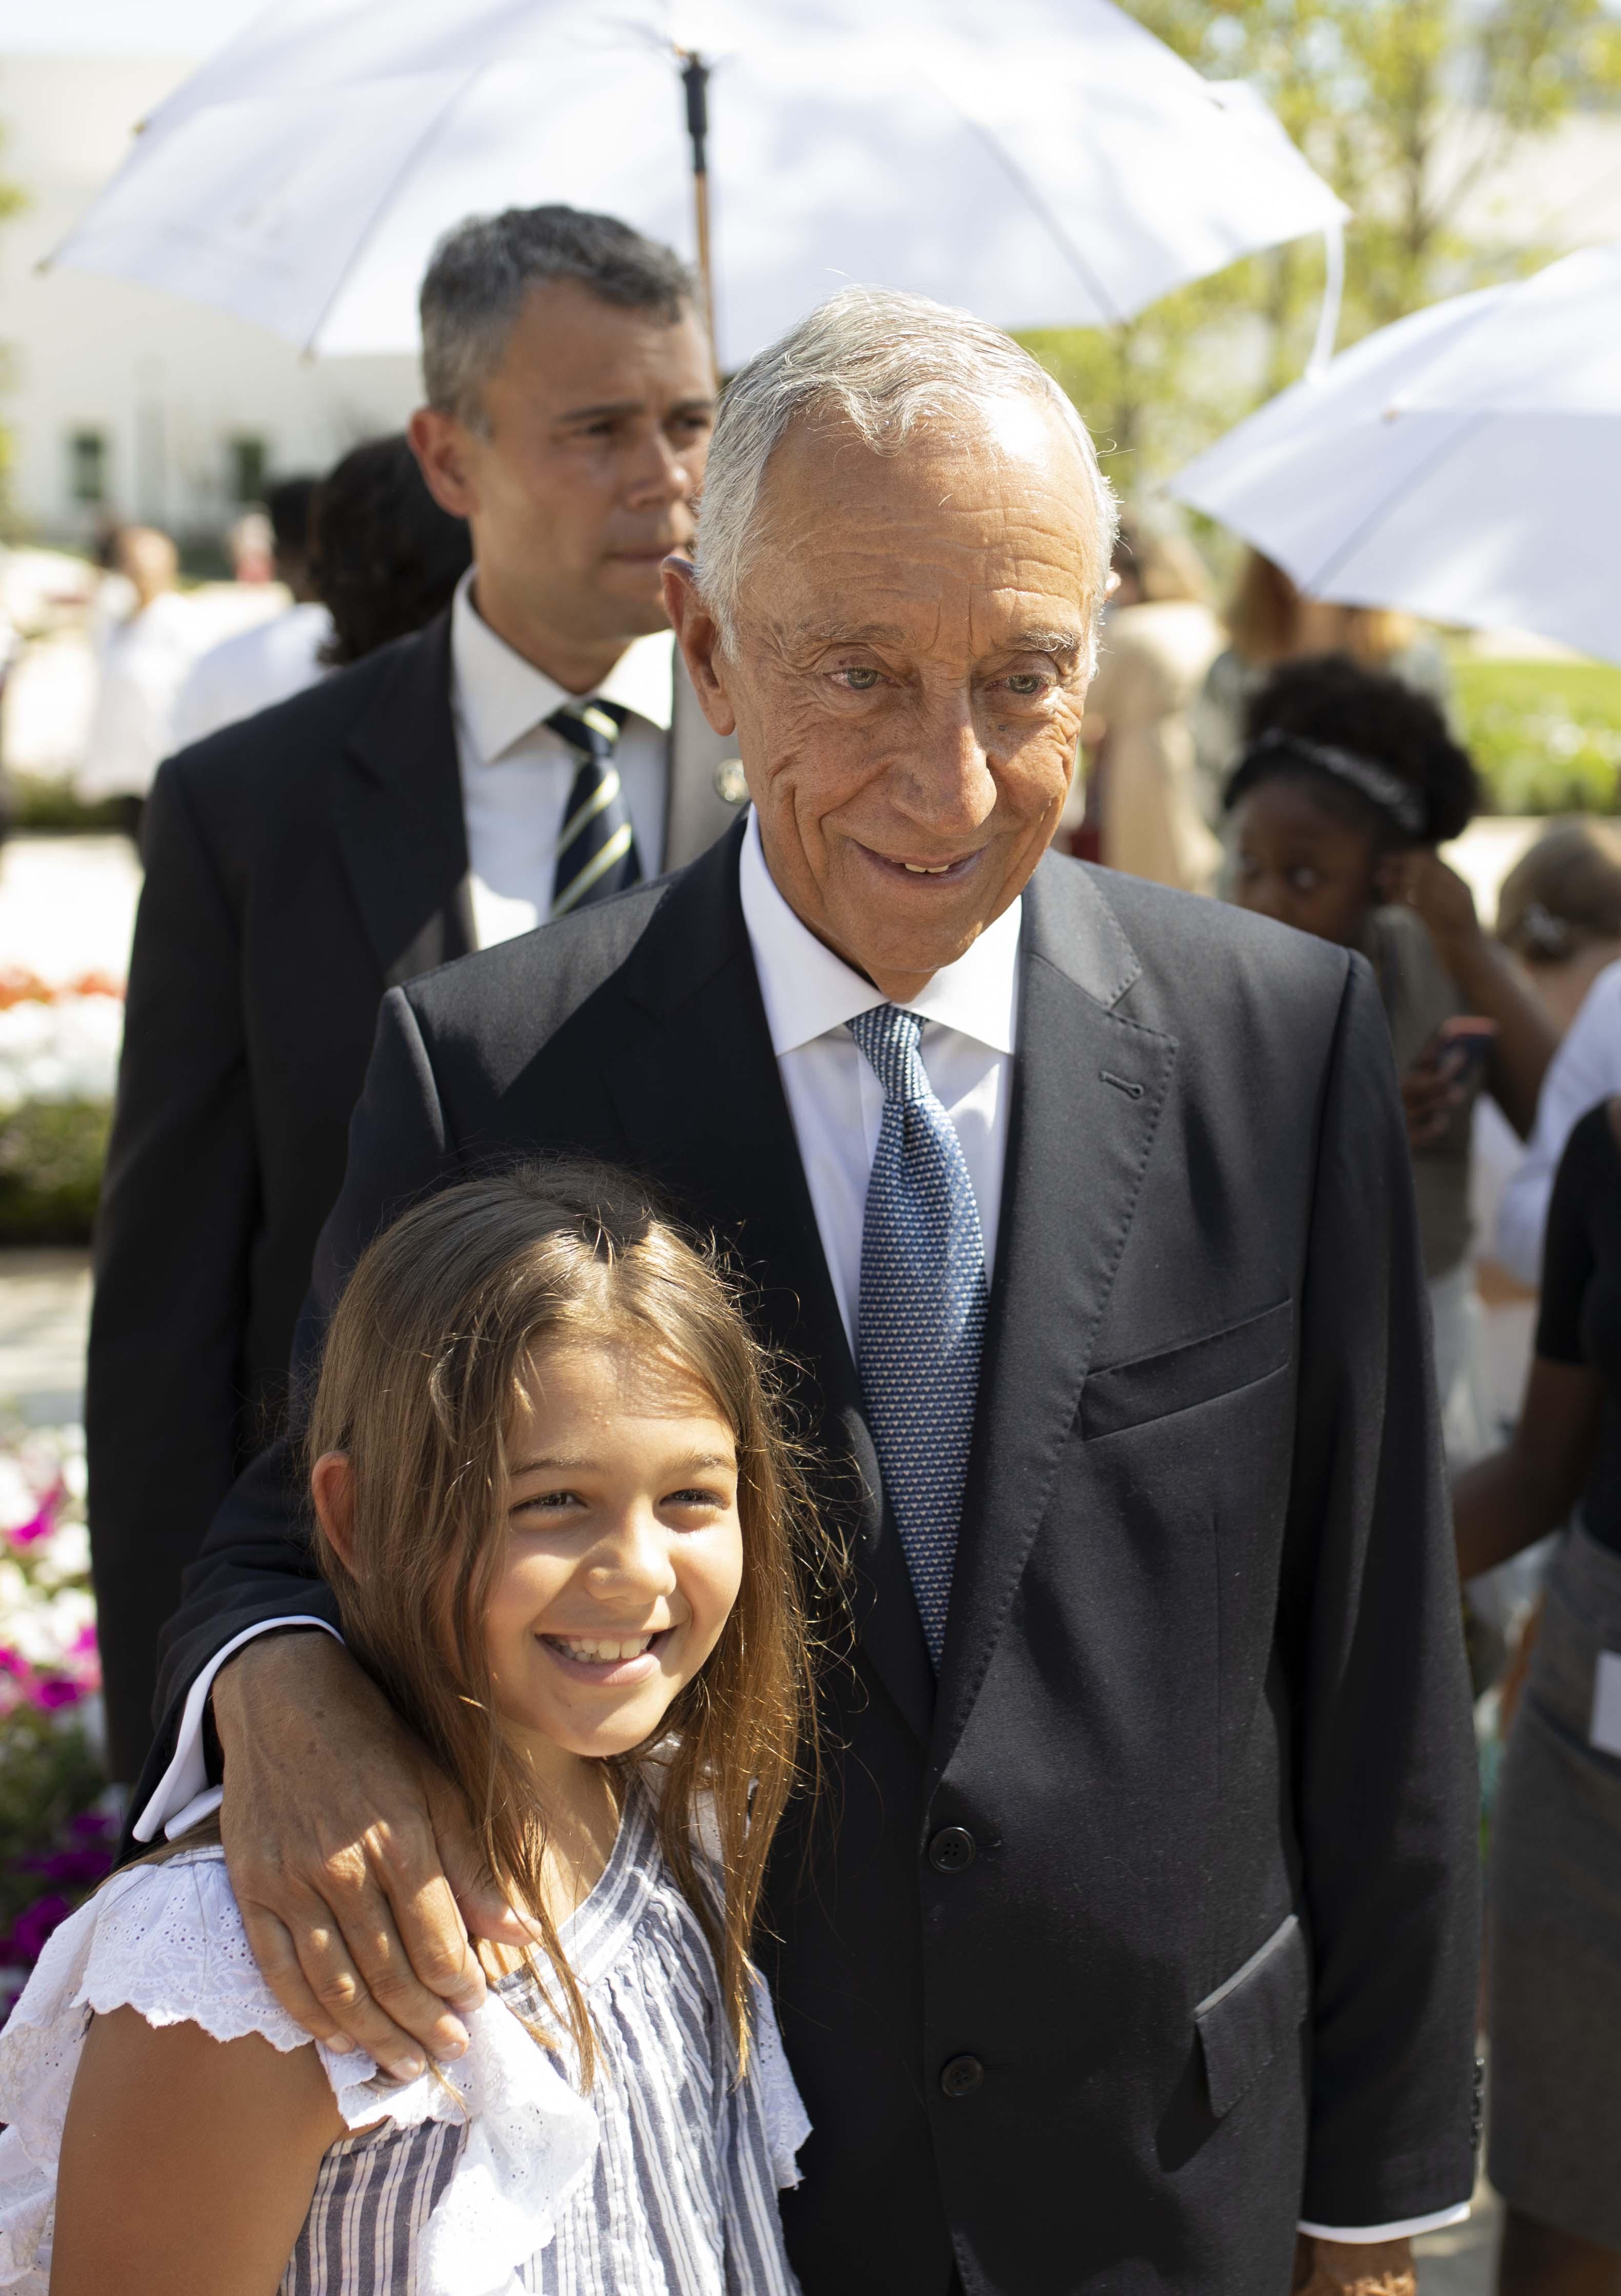 O presidente de Portugal, Marcelo Rebelo de Sousa tira uma fotografia com uma criança no terreno do Templo de Lisboa Portugal em 29 de agosto de 2019.